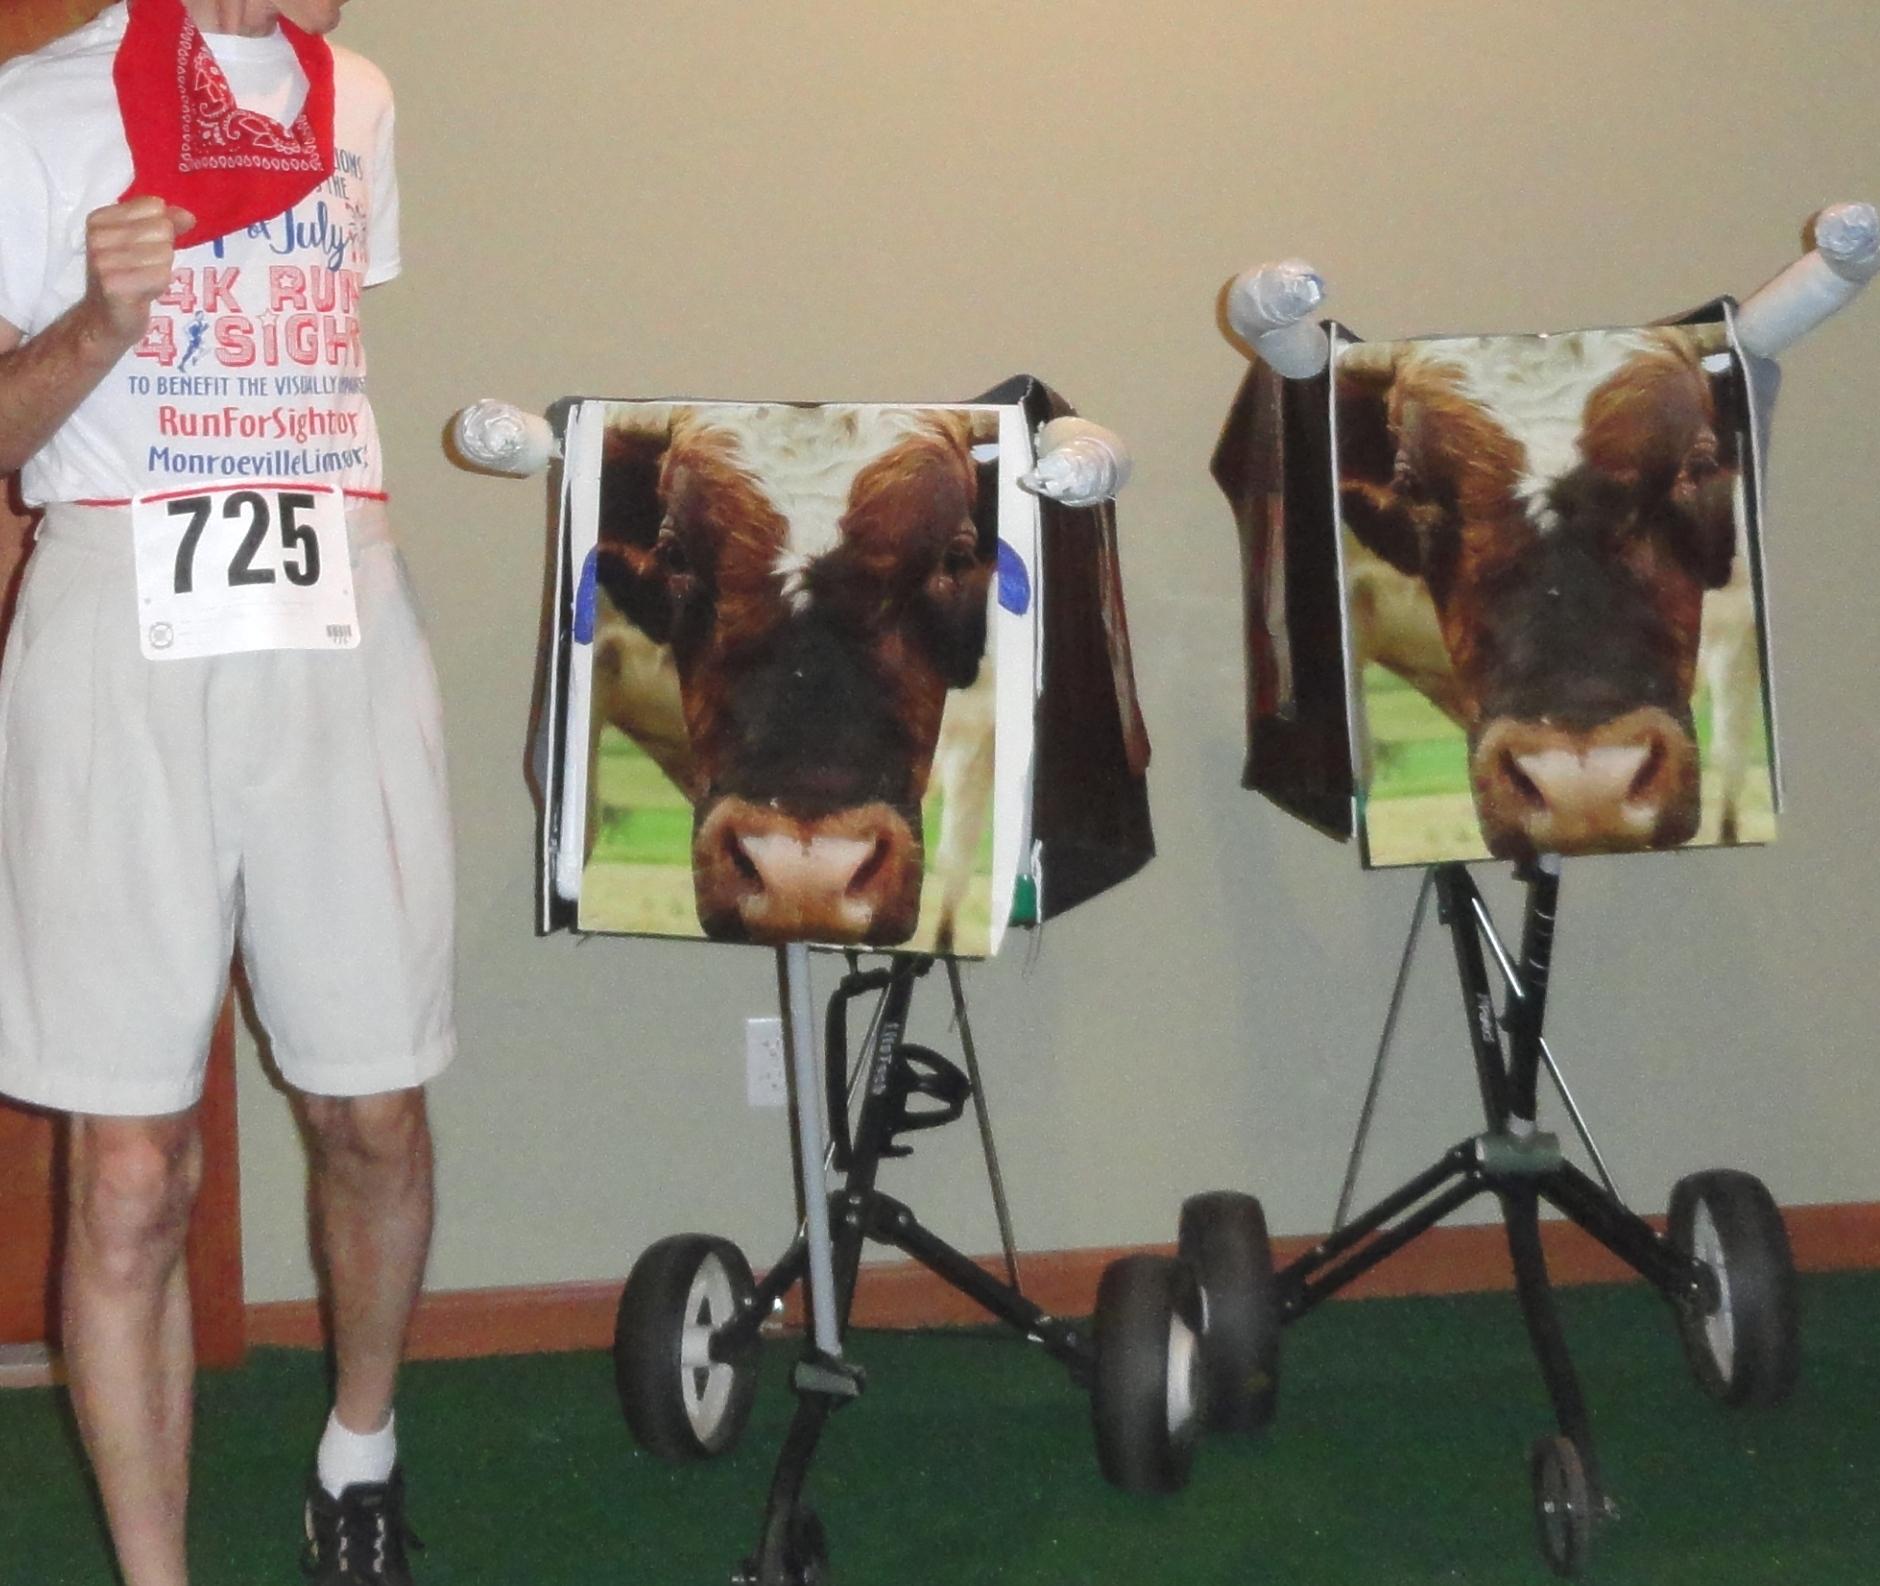 Bulls&Runner4